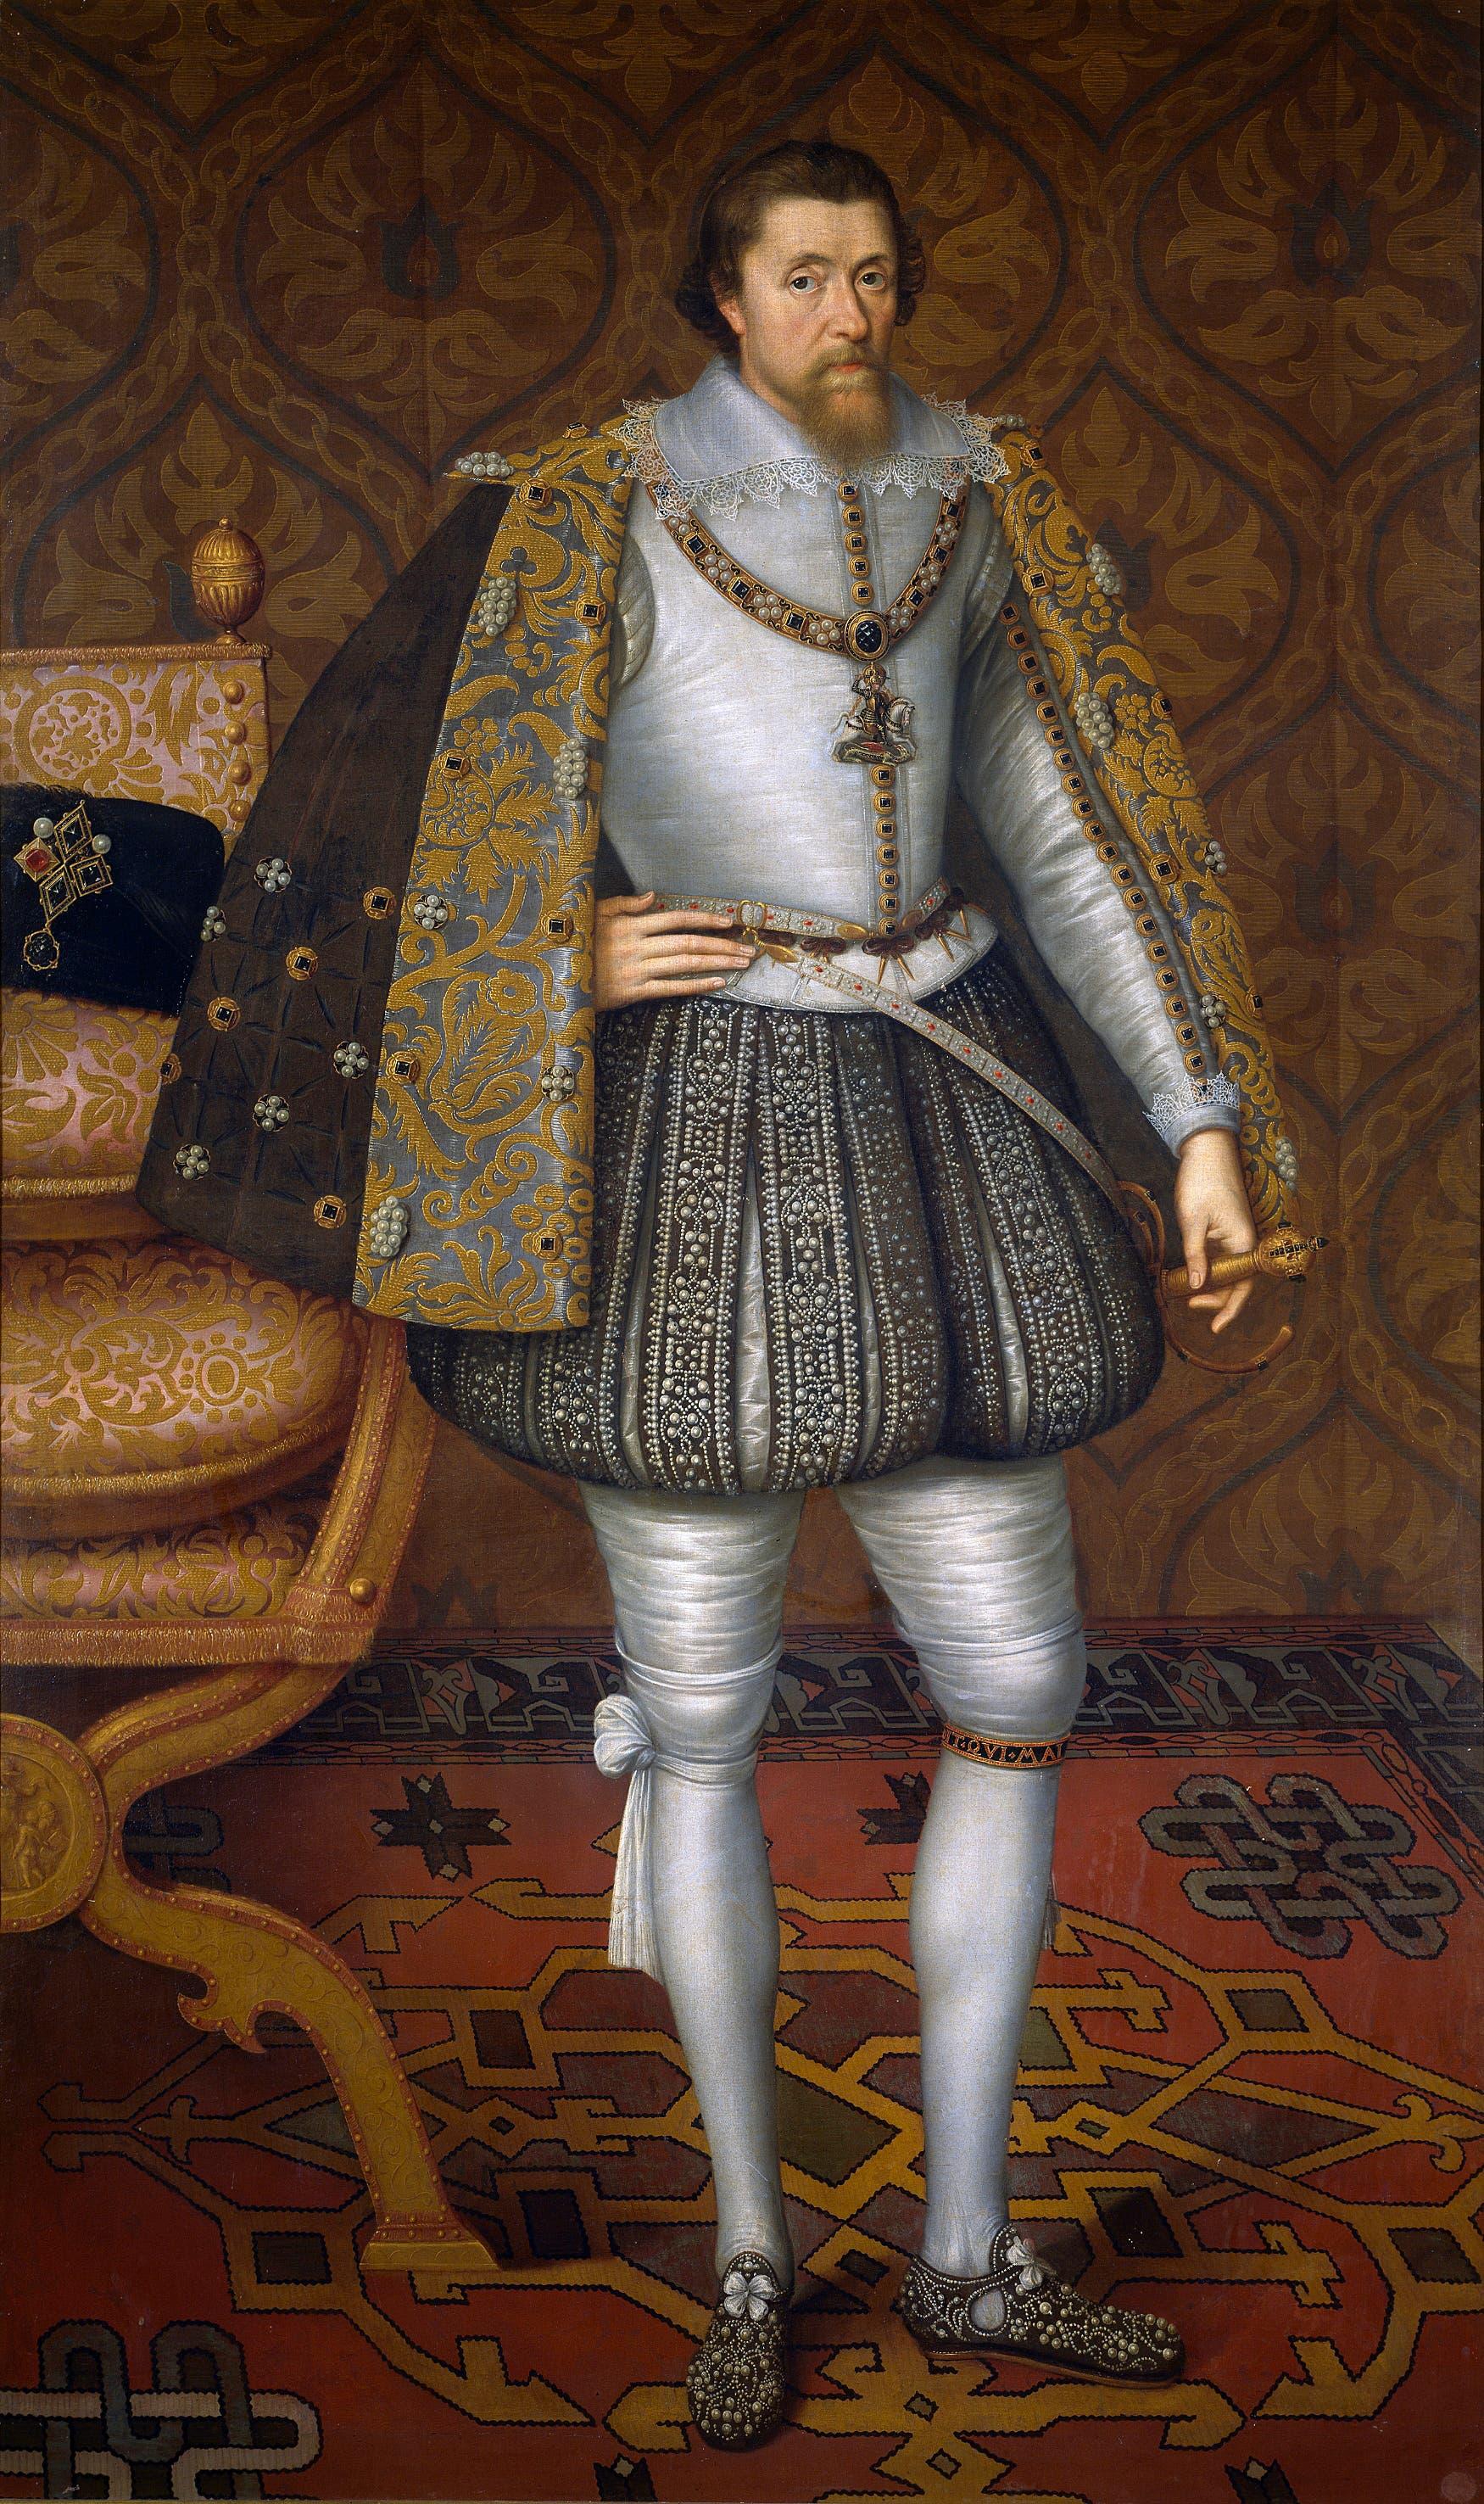 لوحة تجسد الملك جيمس السادس